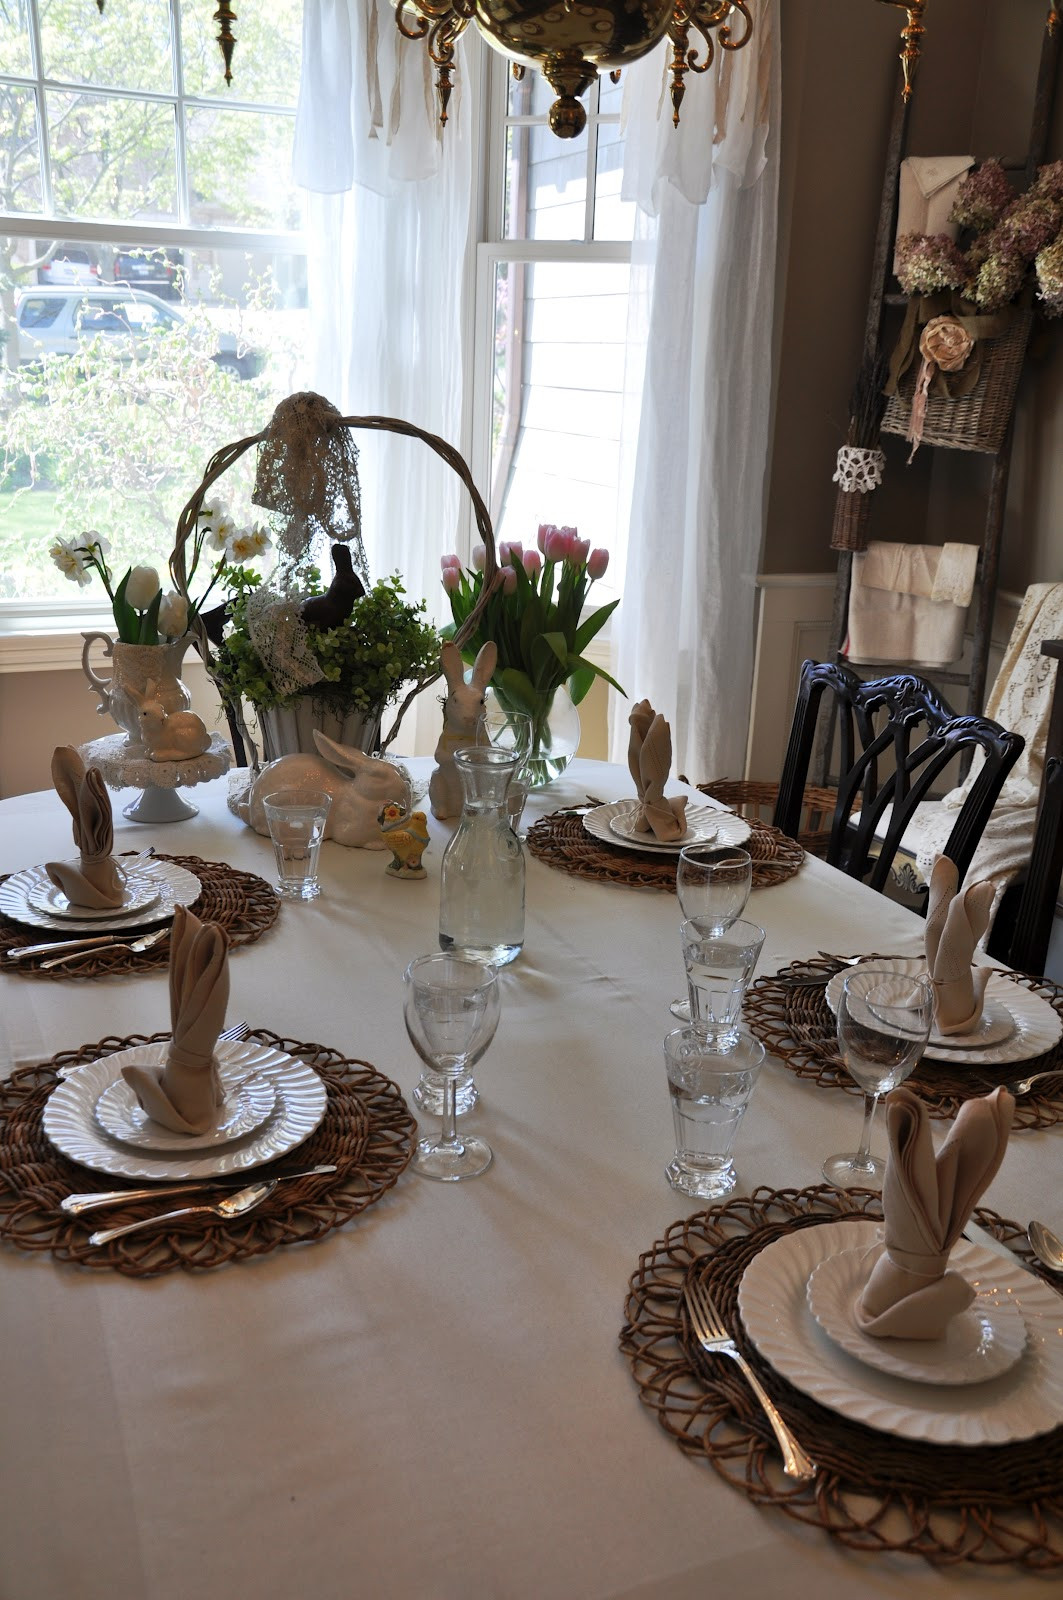 Easter Dinner Table Settings  Serendipity Refined Blog Simple Easter Dinner Table Setting